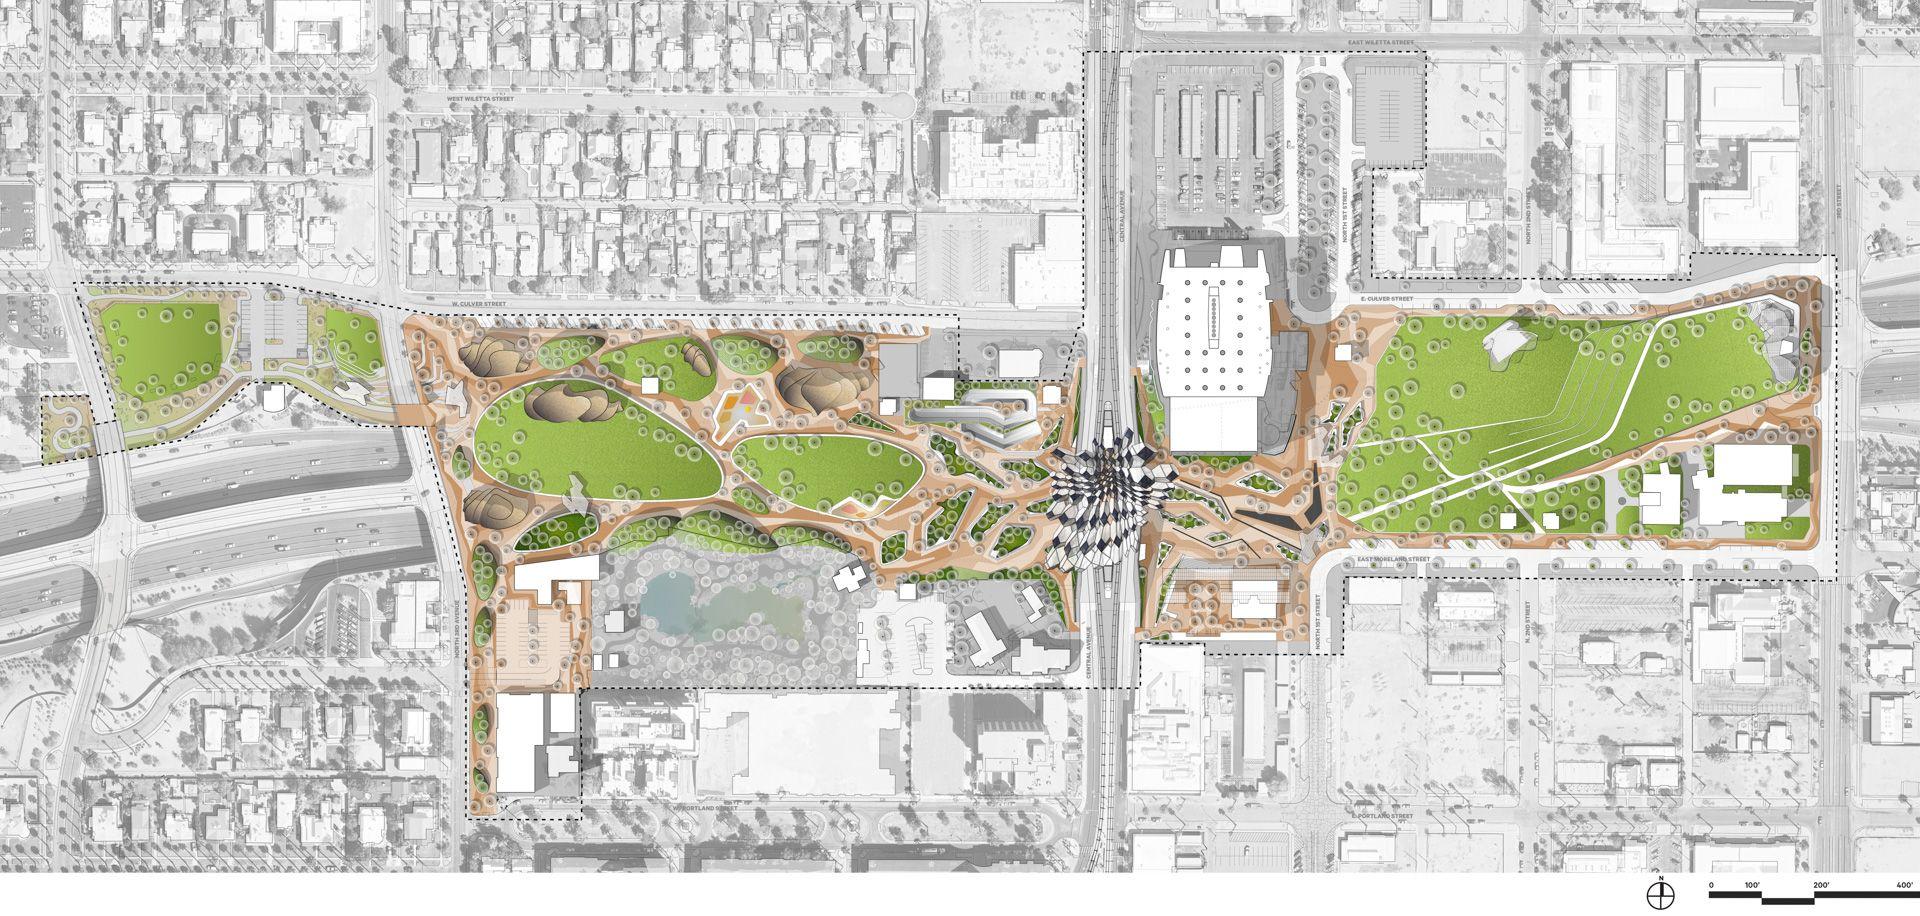 Hance Park Landscape Architecture Drawing Garden Design Plans Landscape Projects